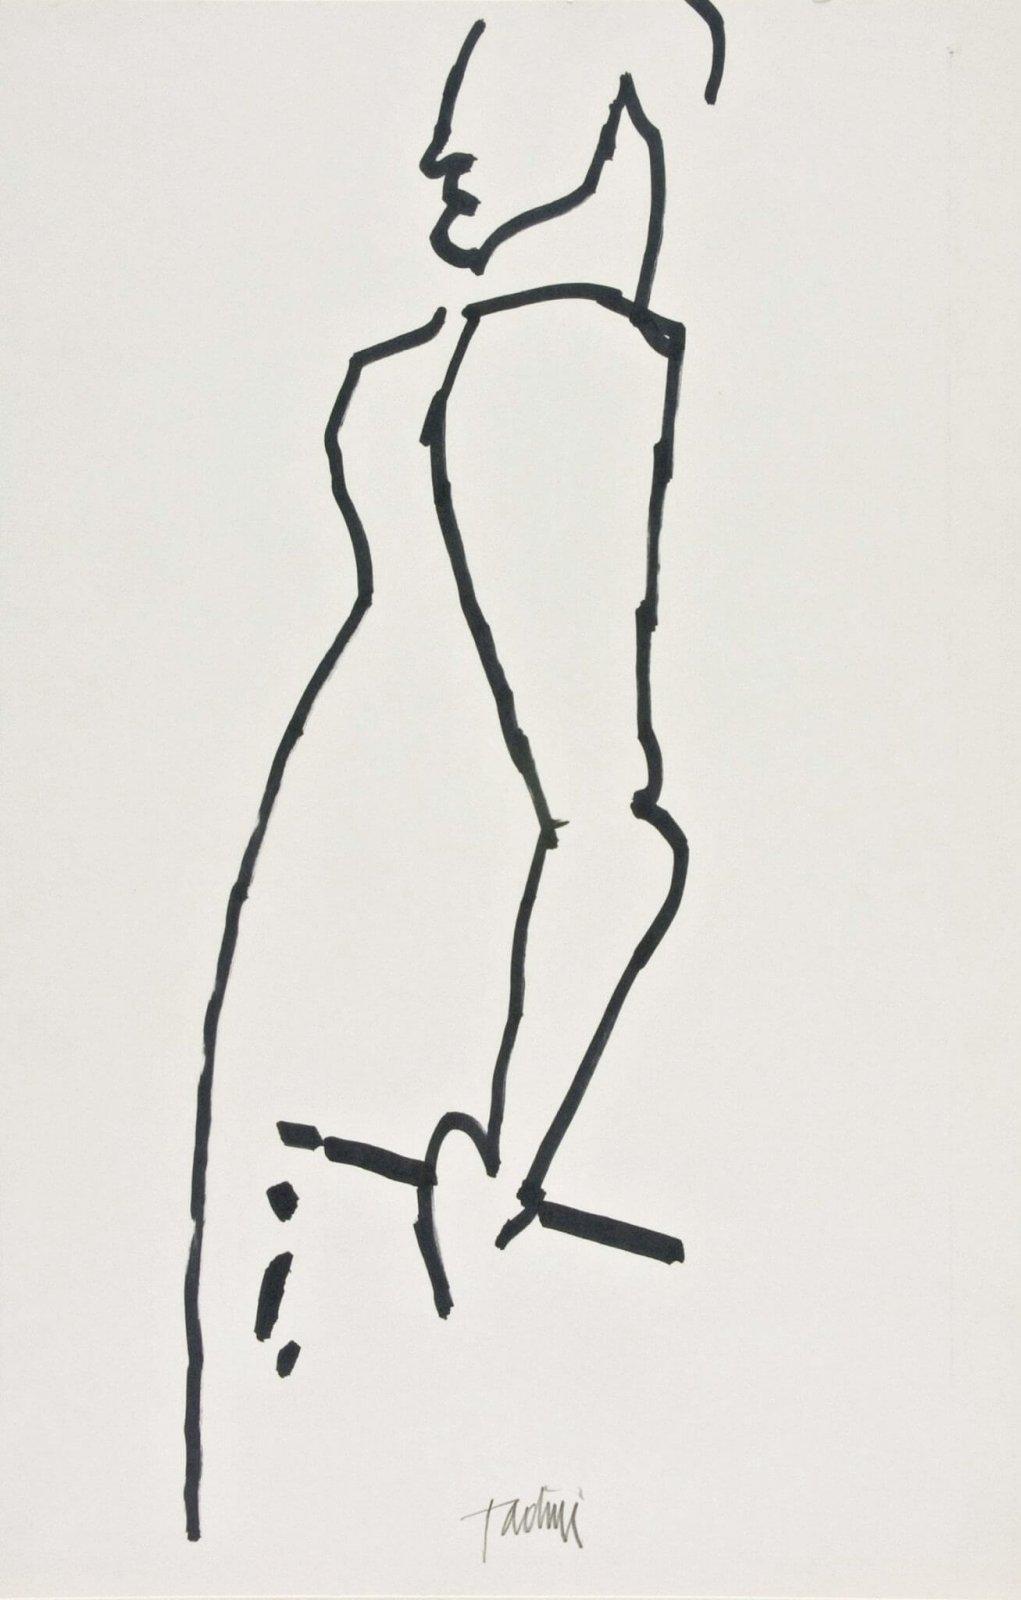 Emilio Tadini, Senza titolo, s.d. [1983 ca.], penarello su cartoncino, 400 x 260 mm, Collezione Galleria Civica di Modena